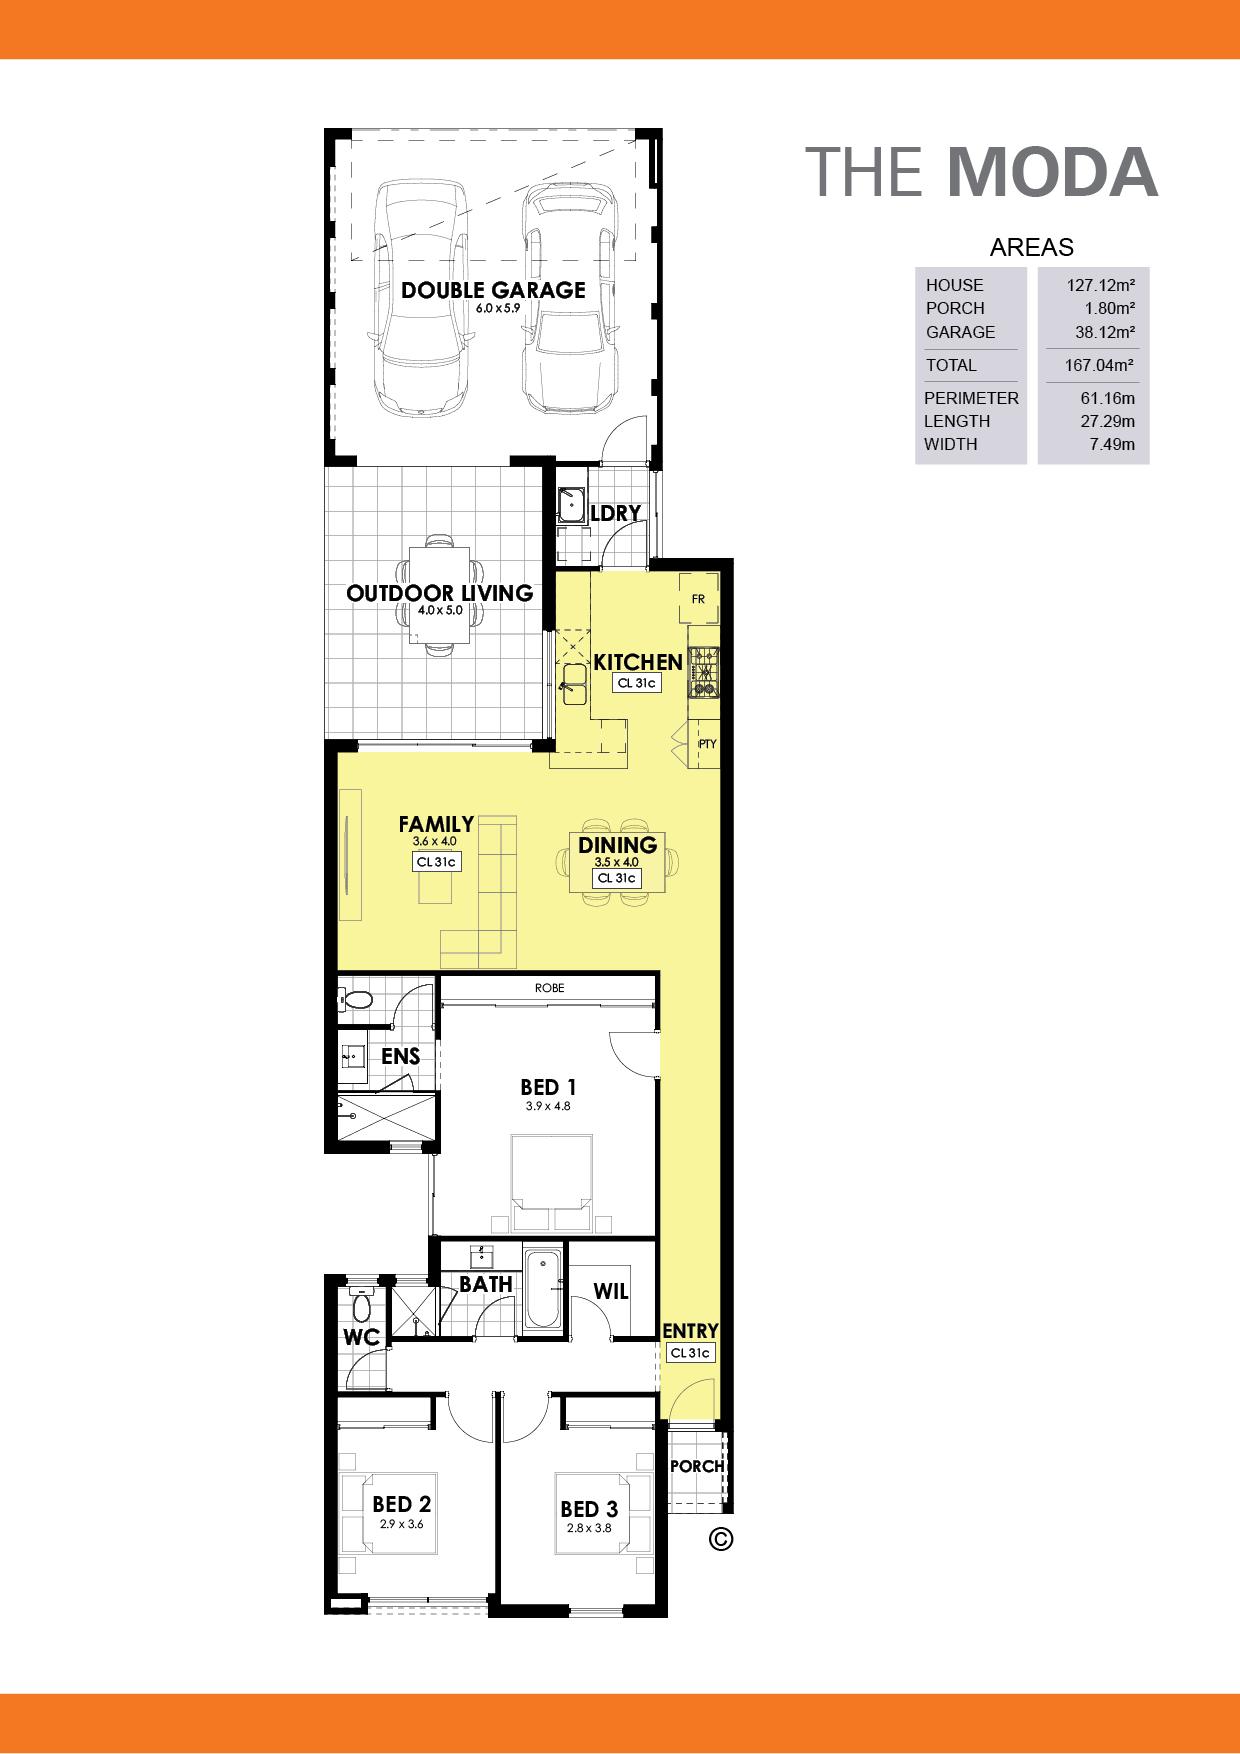 The Moda Floorplan